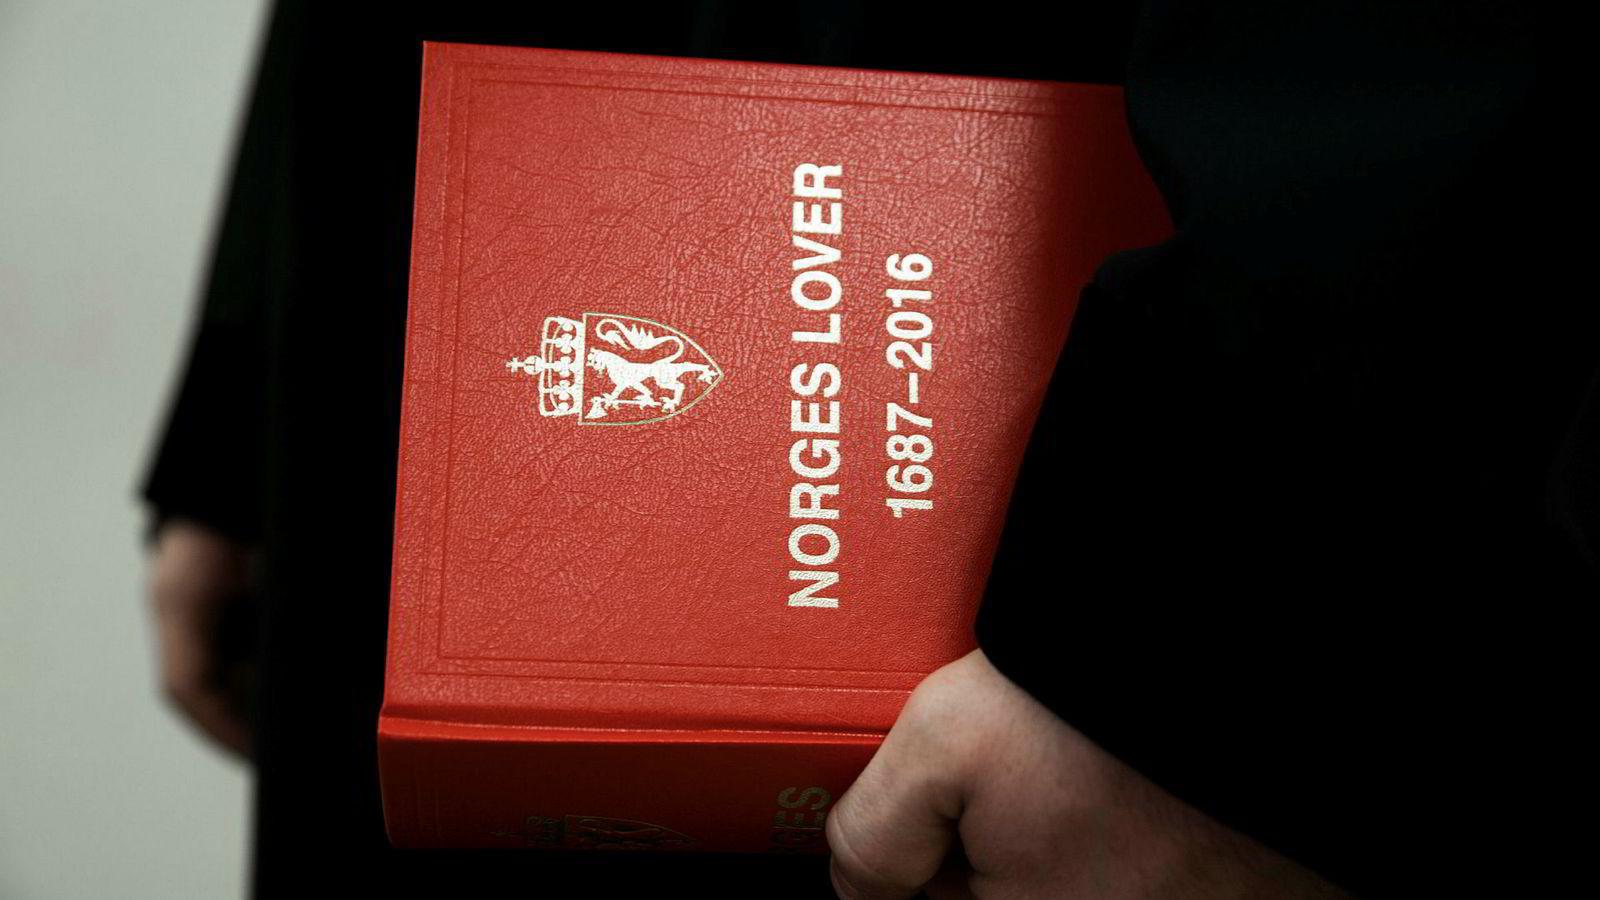 Den nye regelen er viktig fordi den skal hindre at norske advokater medvirker til de mer åpenbare menneskerettskrenkelsene.